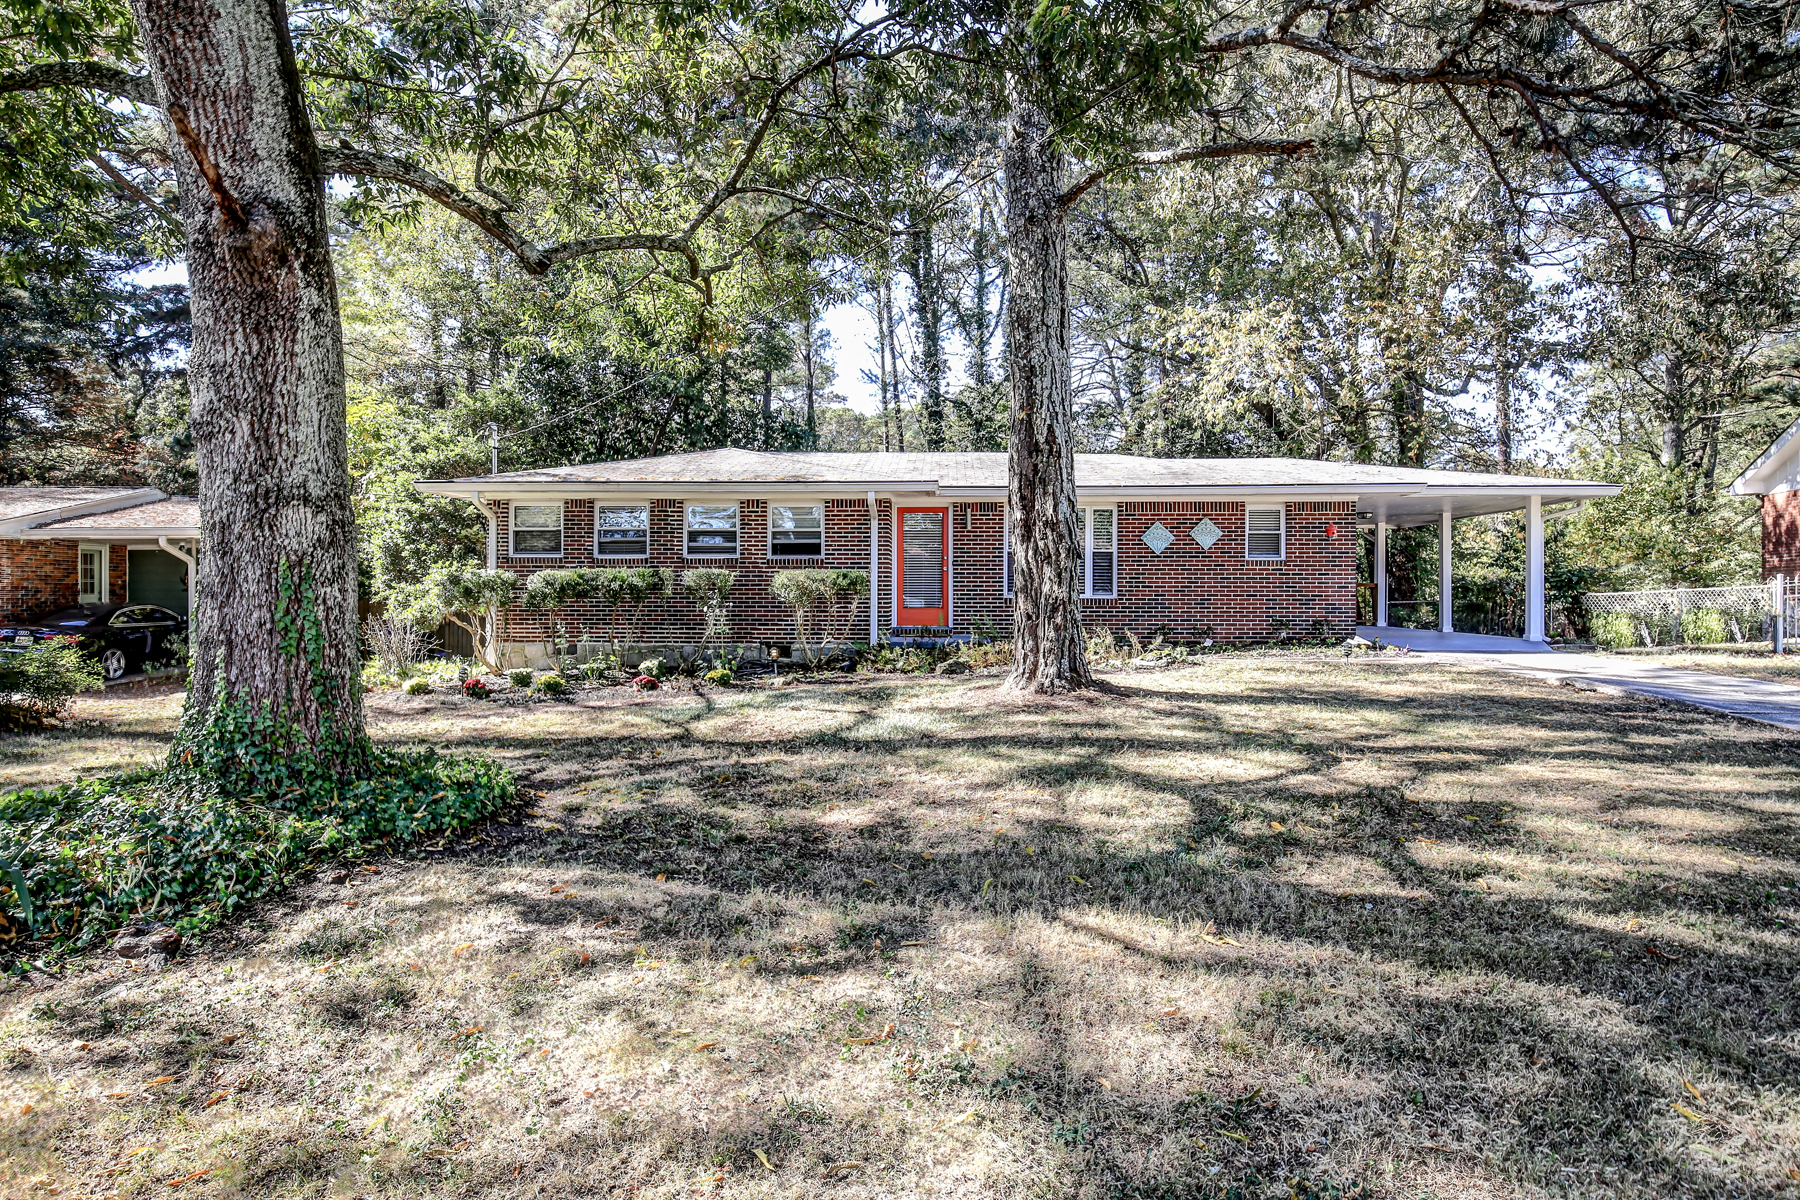 独户住宅 为 销售 在 Exclusive Renovated Ranch 2463 Warwick Circle 亚特兰大, 乔治亚州, 30345 美国